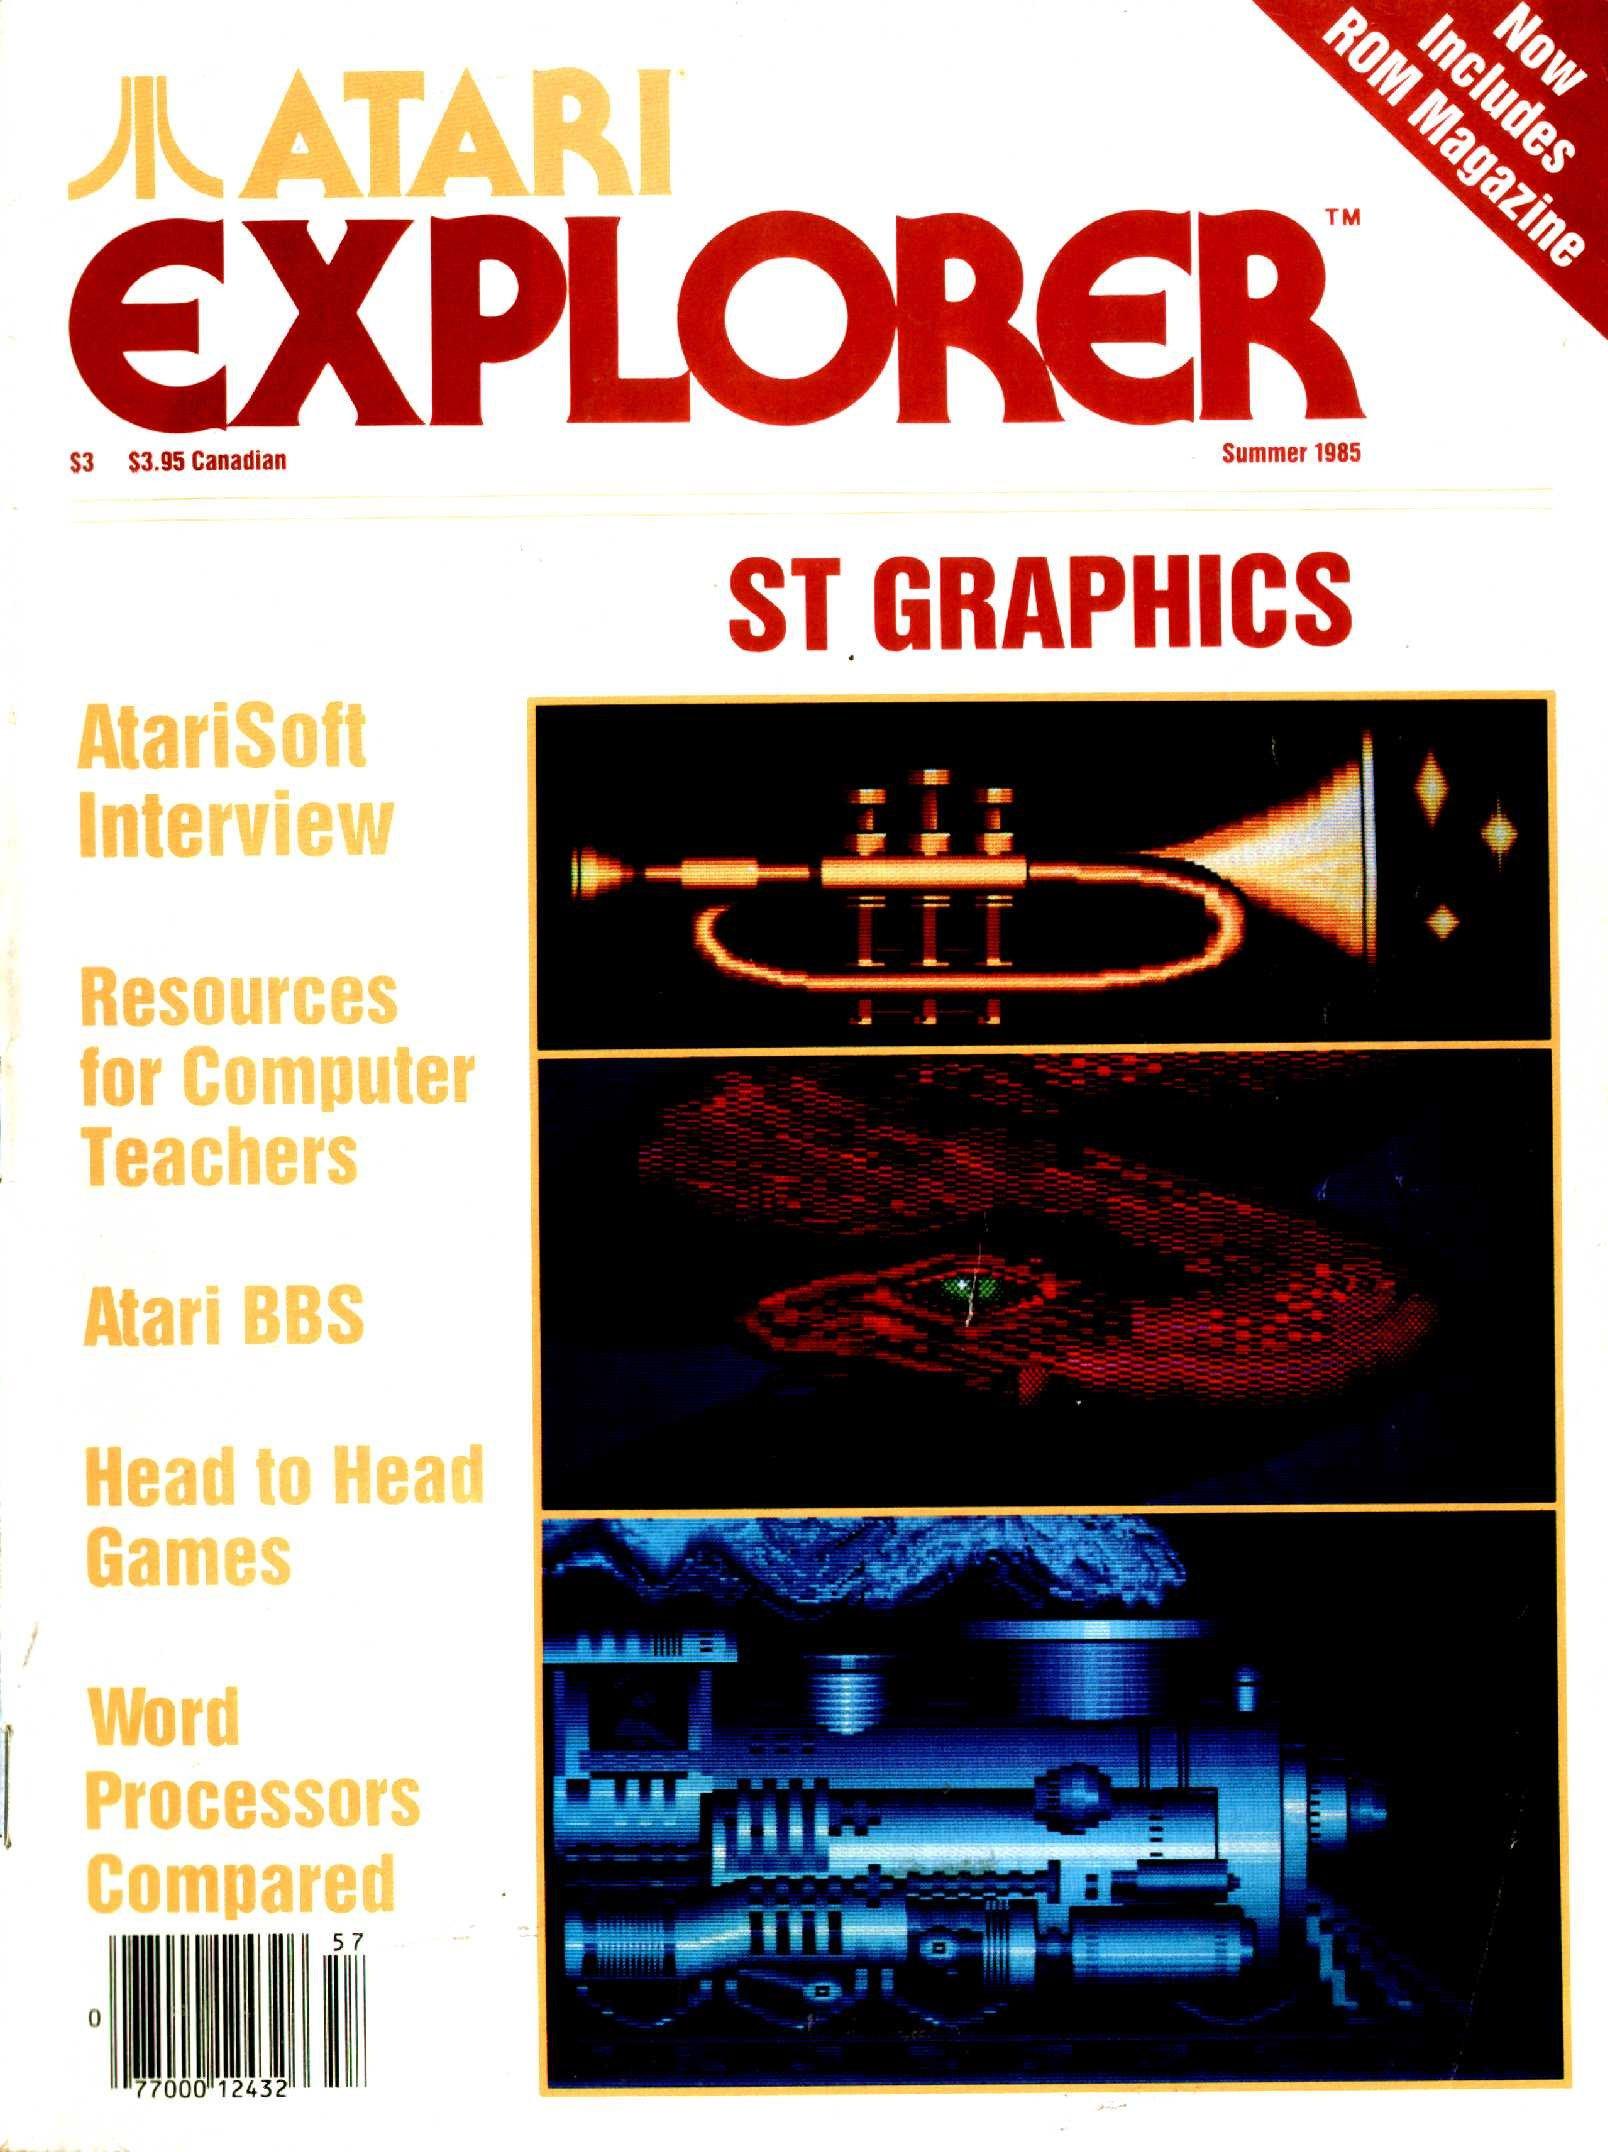 Atari Explorer Issue 02 (Summer 1985)